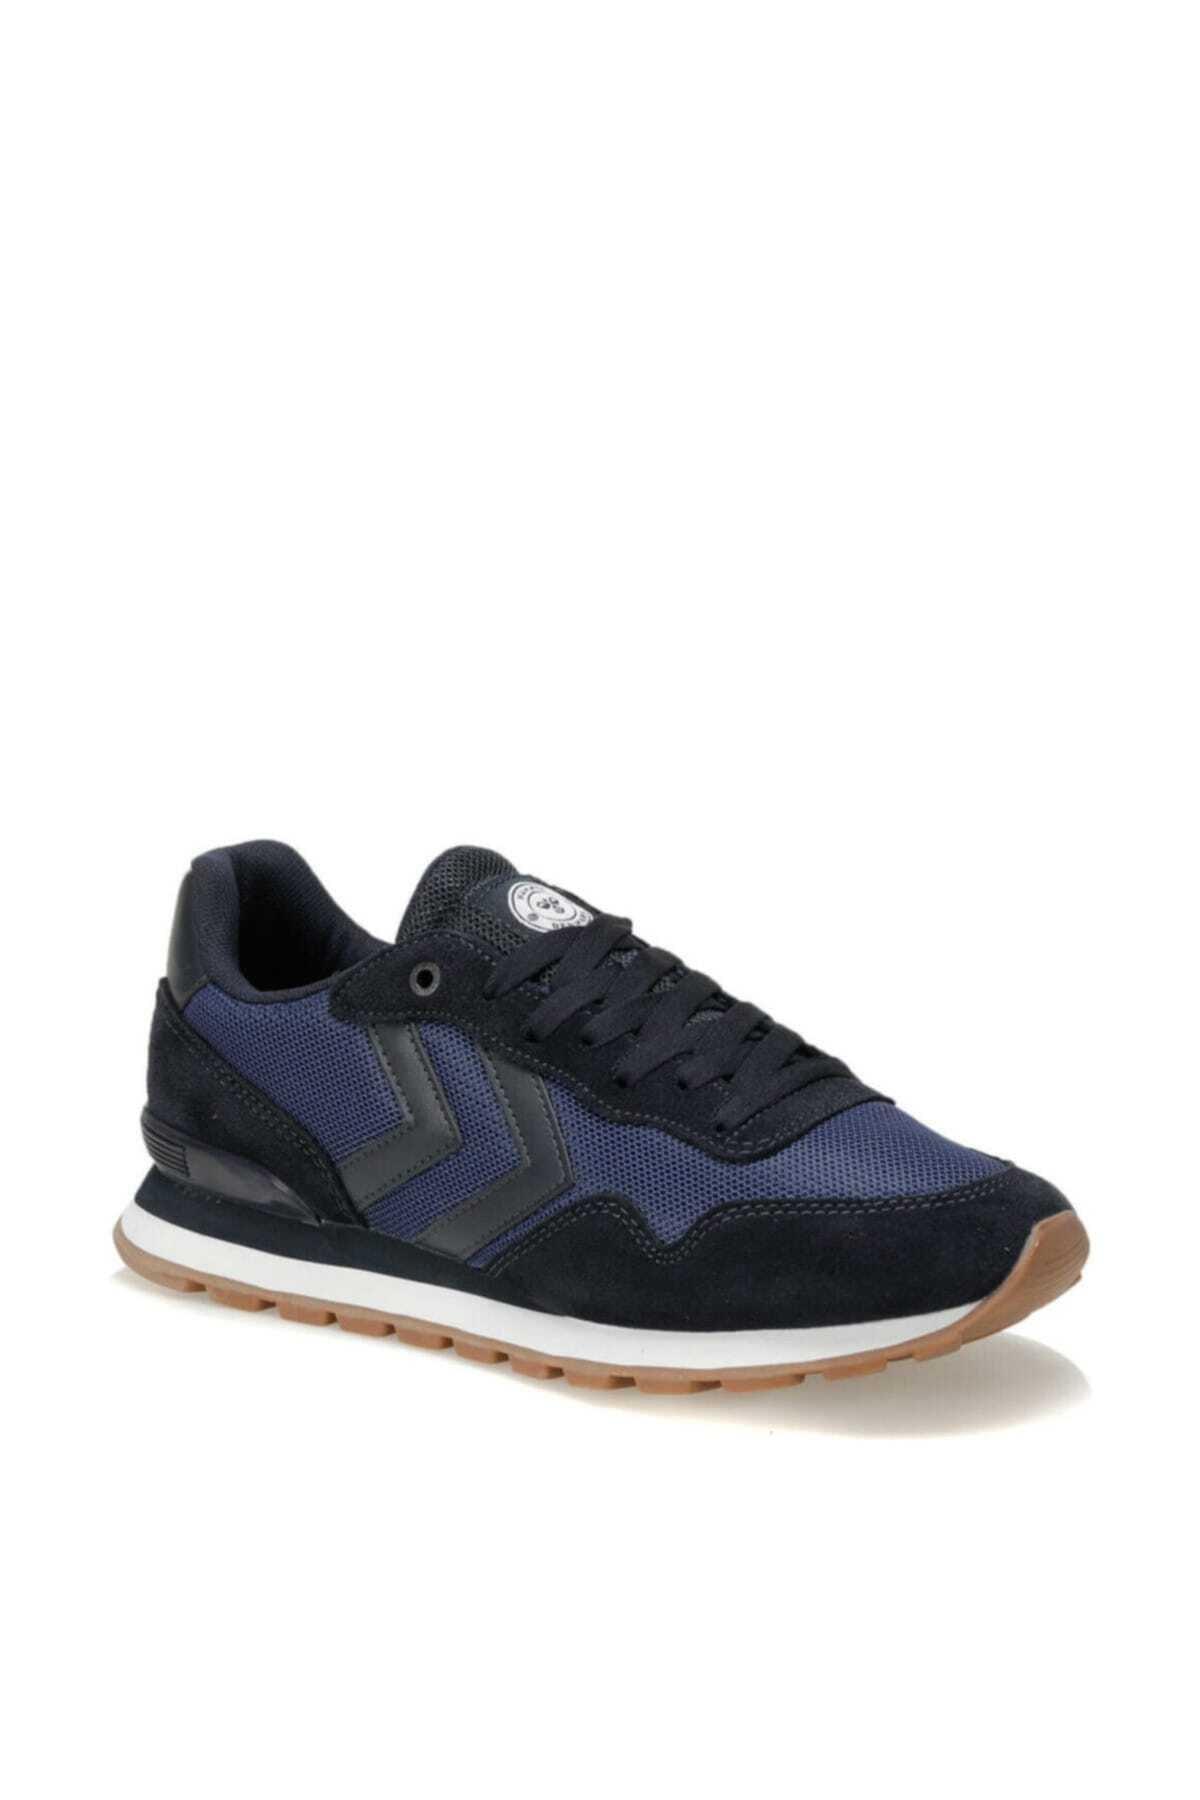 HUMMEL Hmlthor Lifestyle Shoes Koyu Lacivert Beyaz Erkek Sneaker Ayakkabı 100406432 2